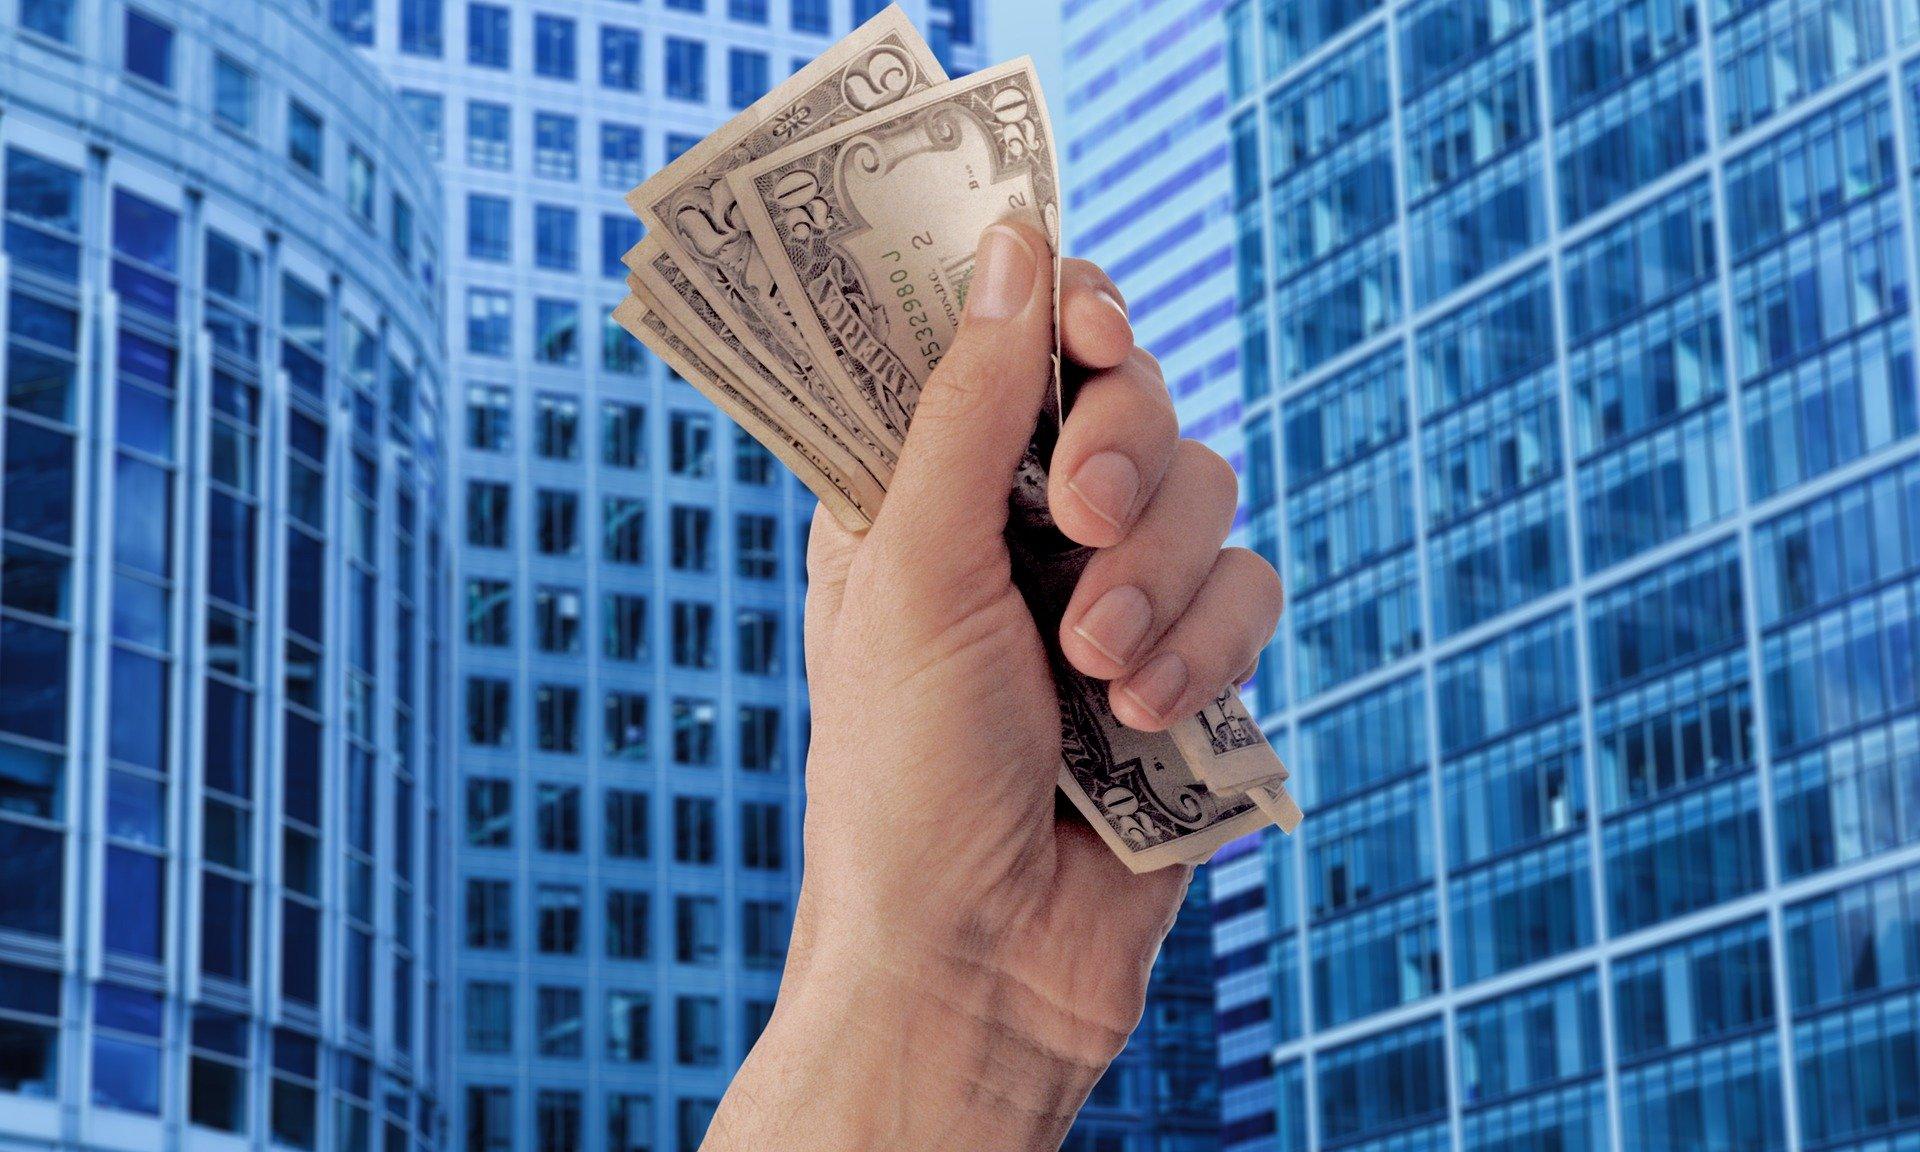 Jakie są skutki łagodnej polityki monetarnej?